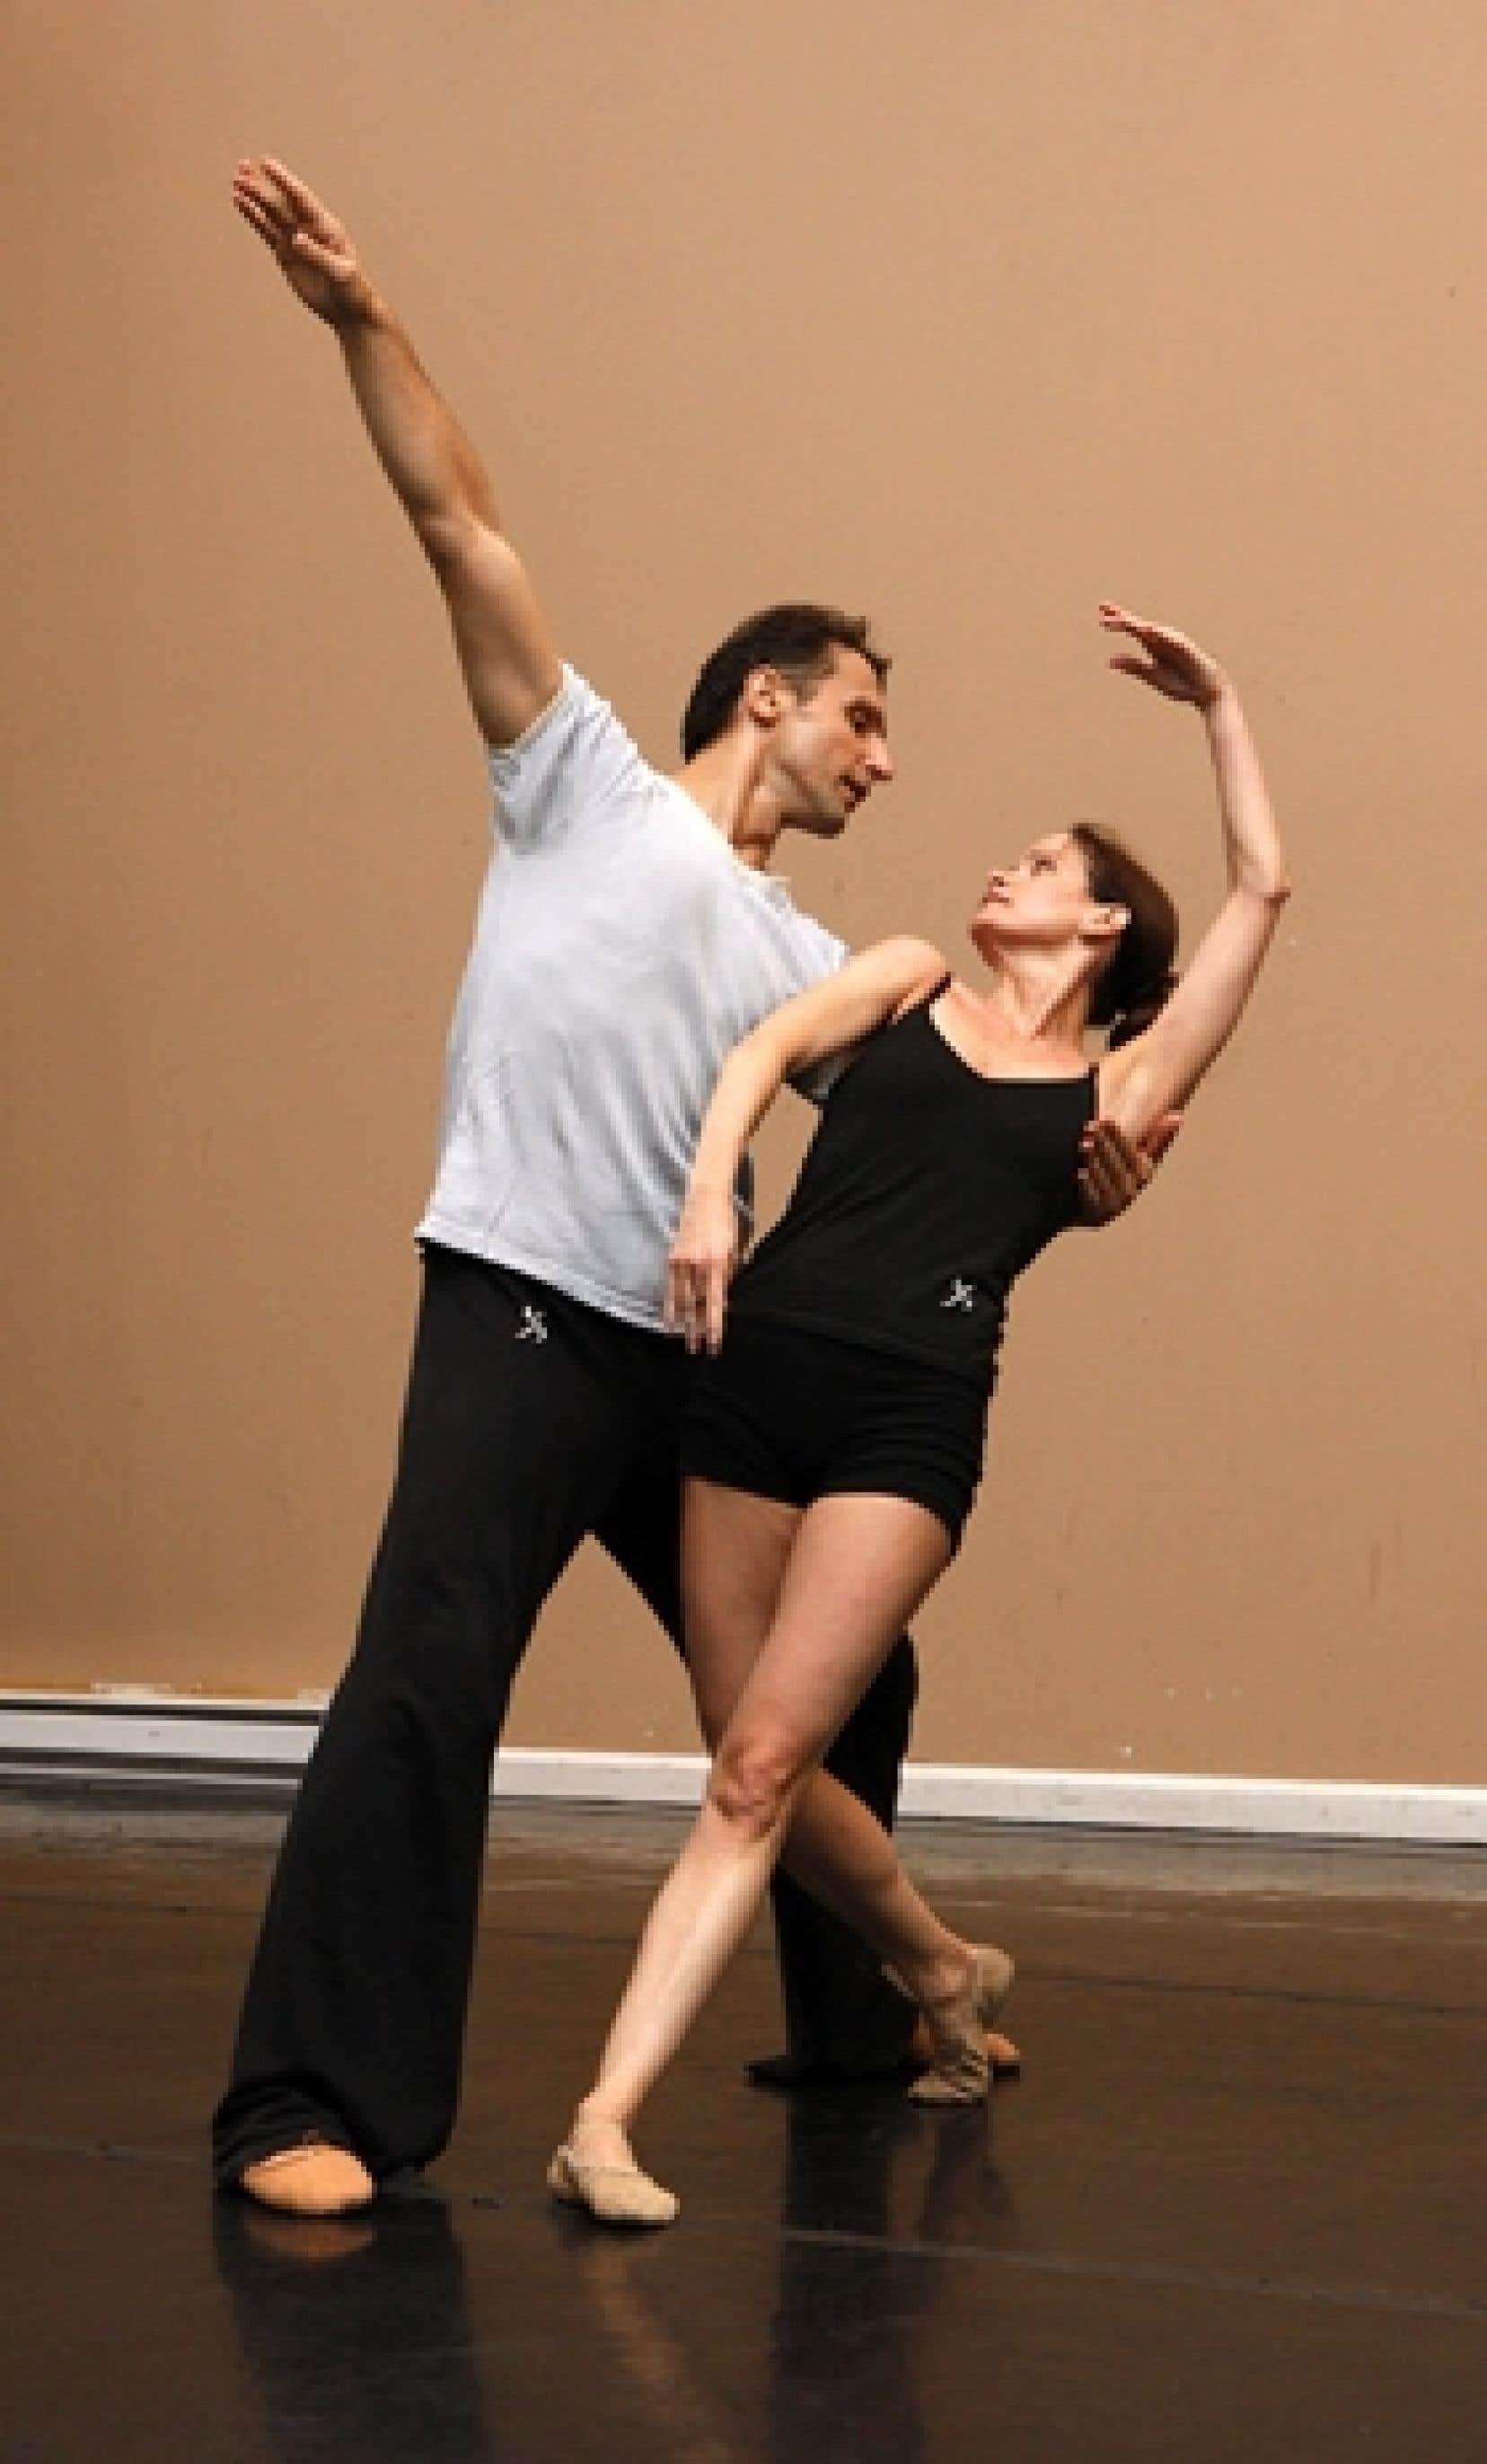 Les blessures sont fréquentes en danse contemporaine.